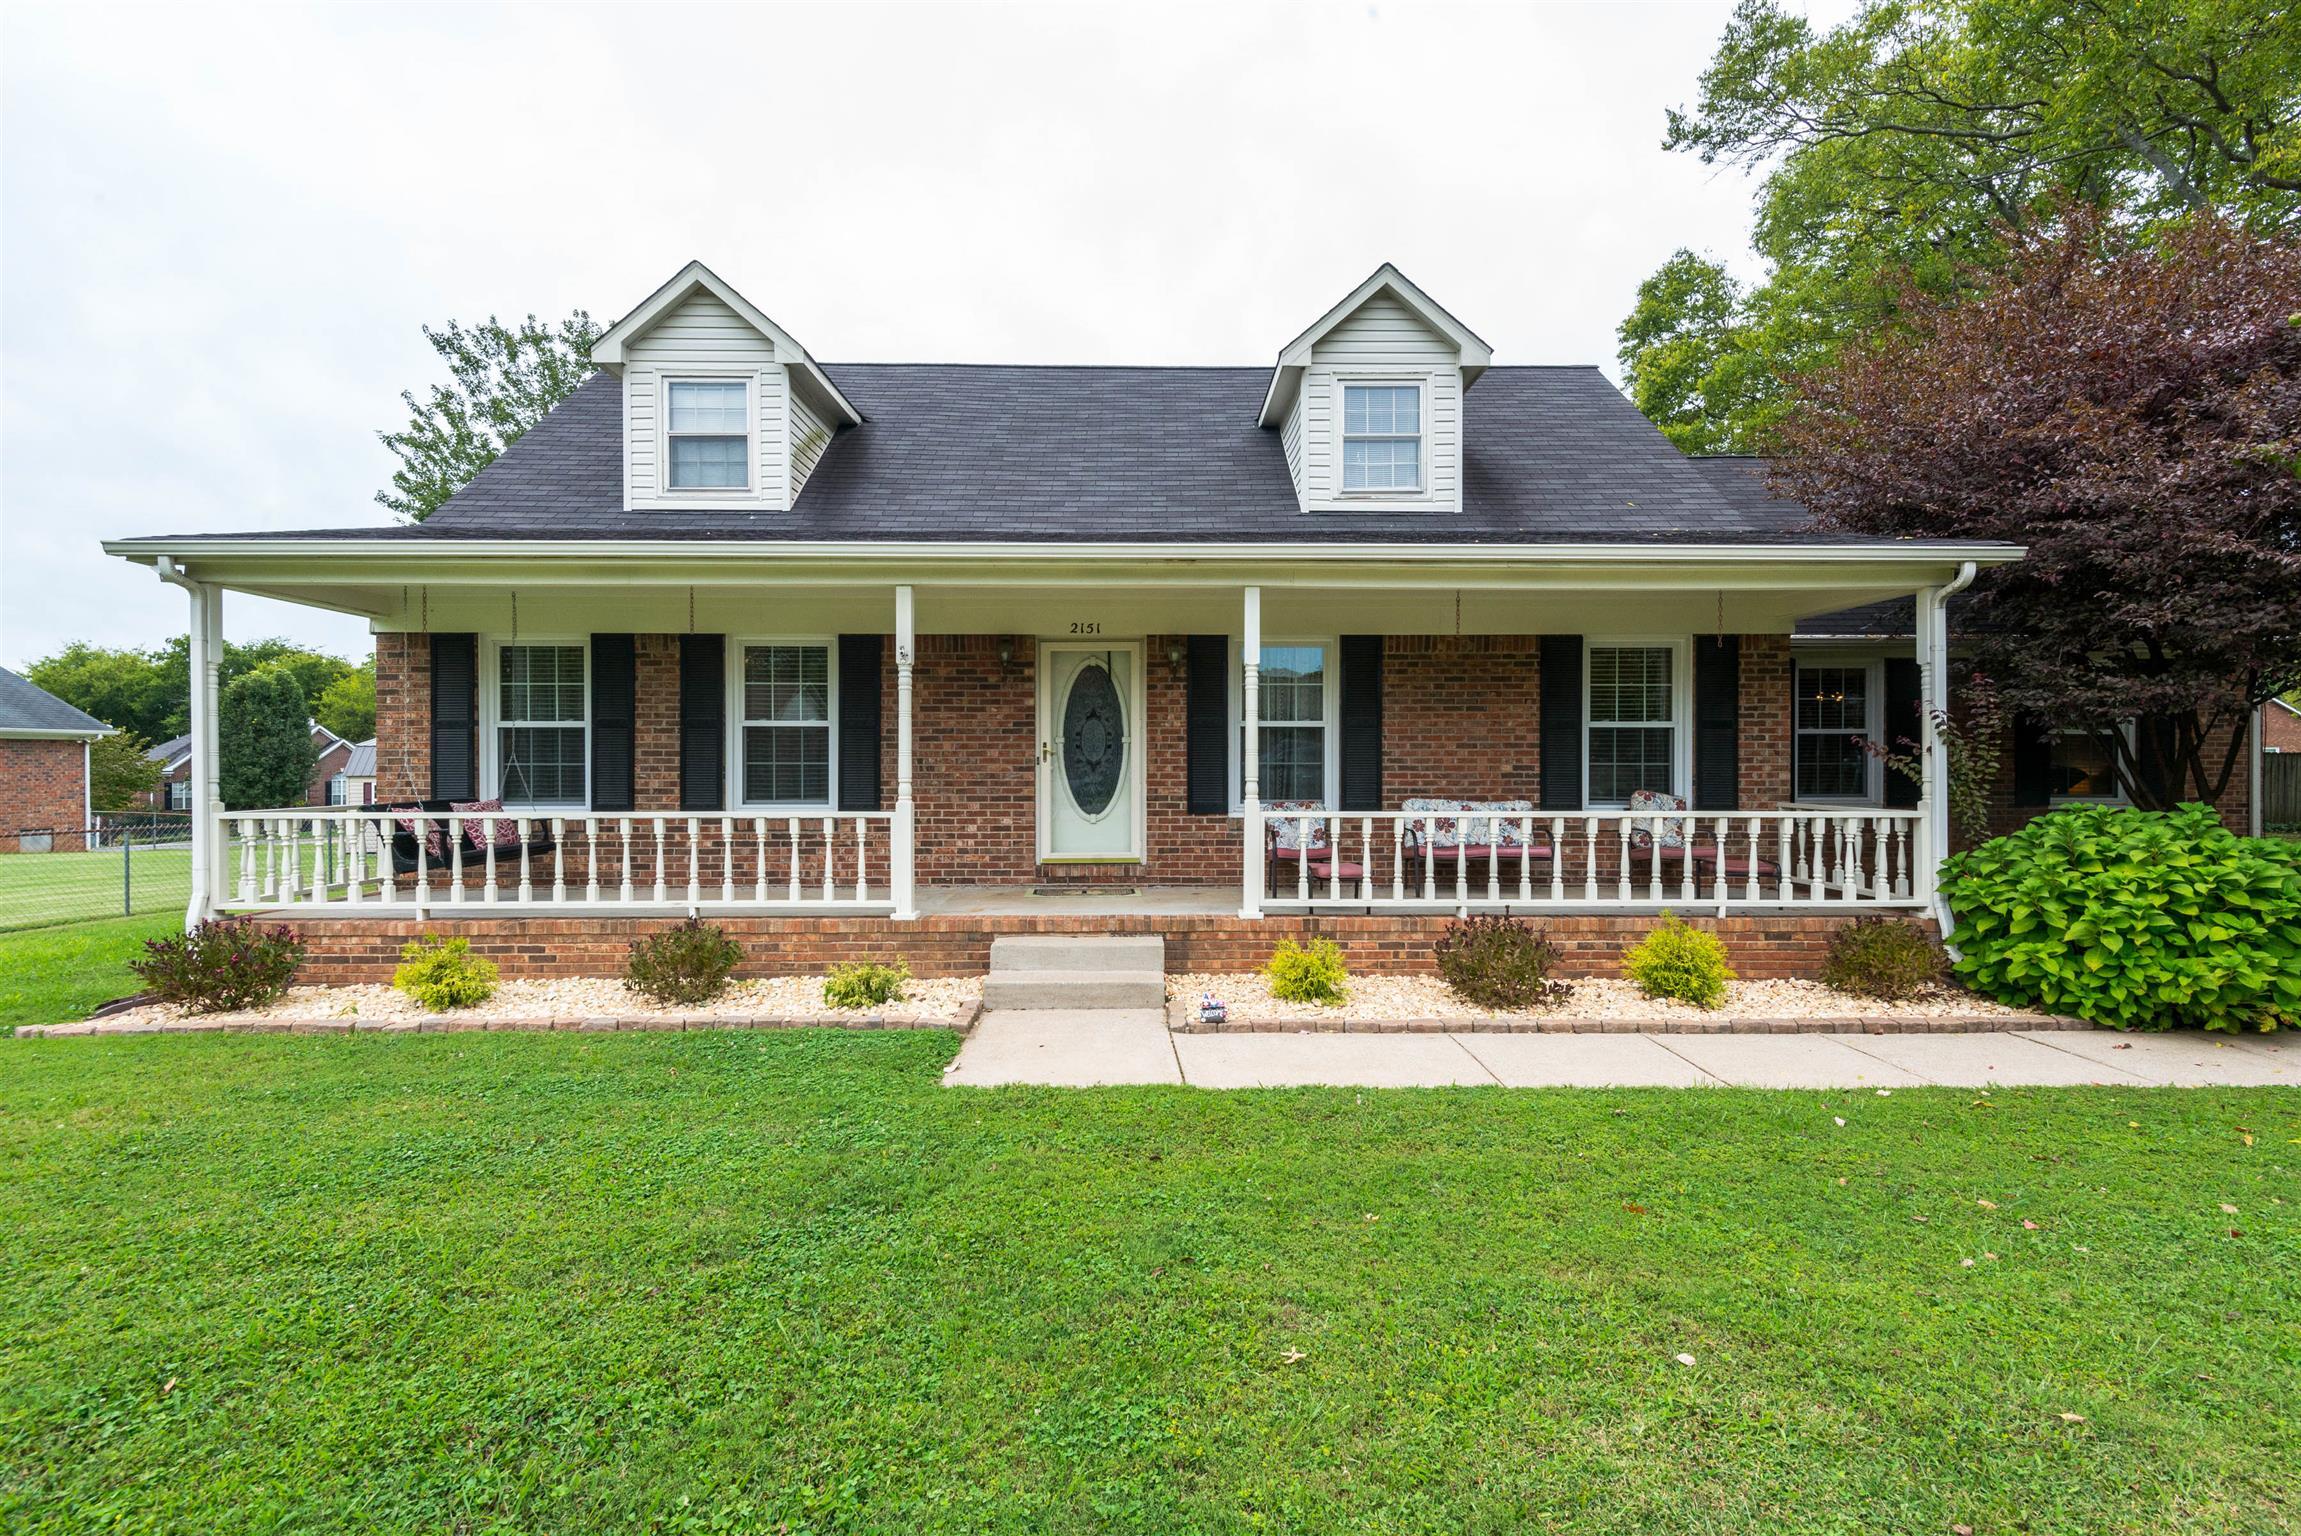 Photo of 2151 Berkshire Ln  Murfreesboro  TN